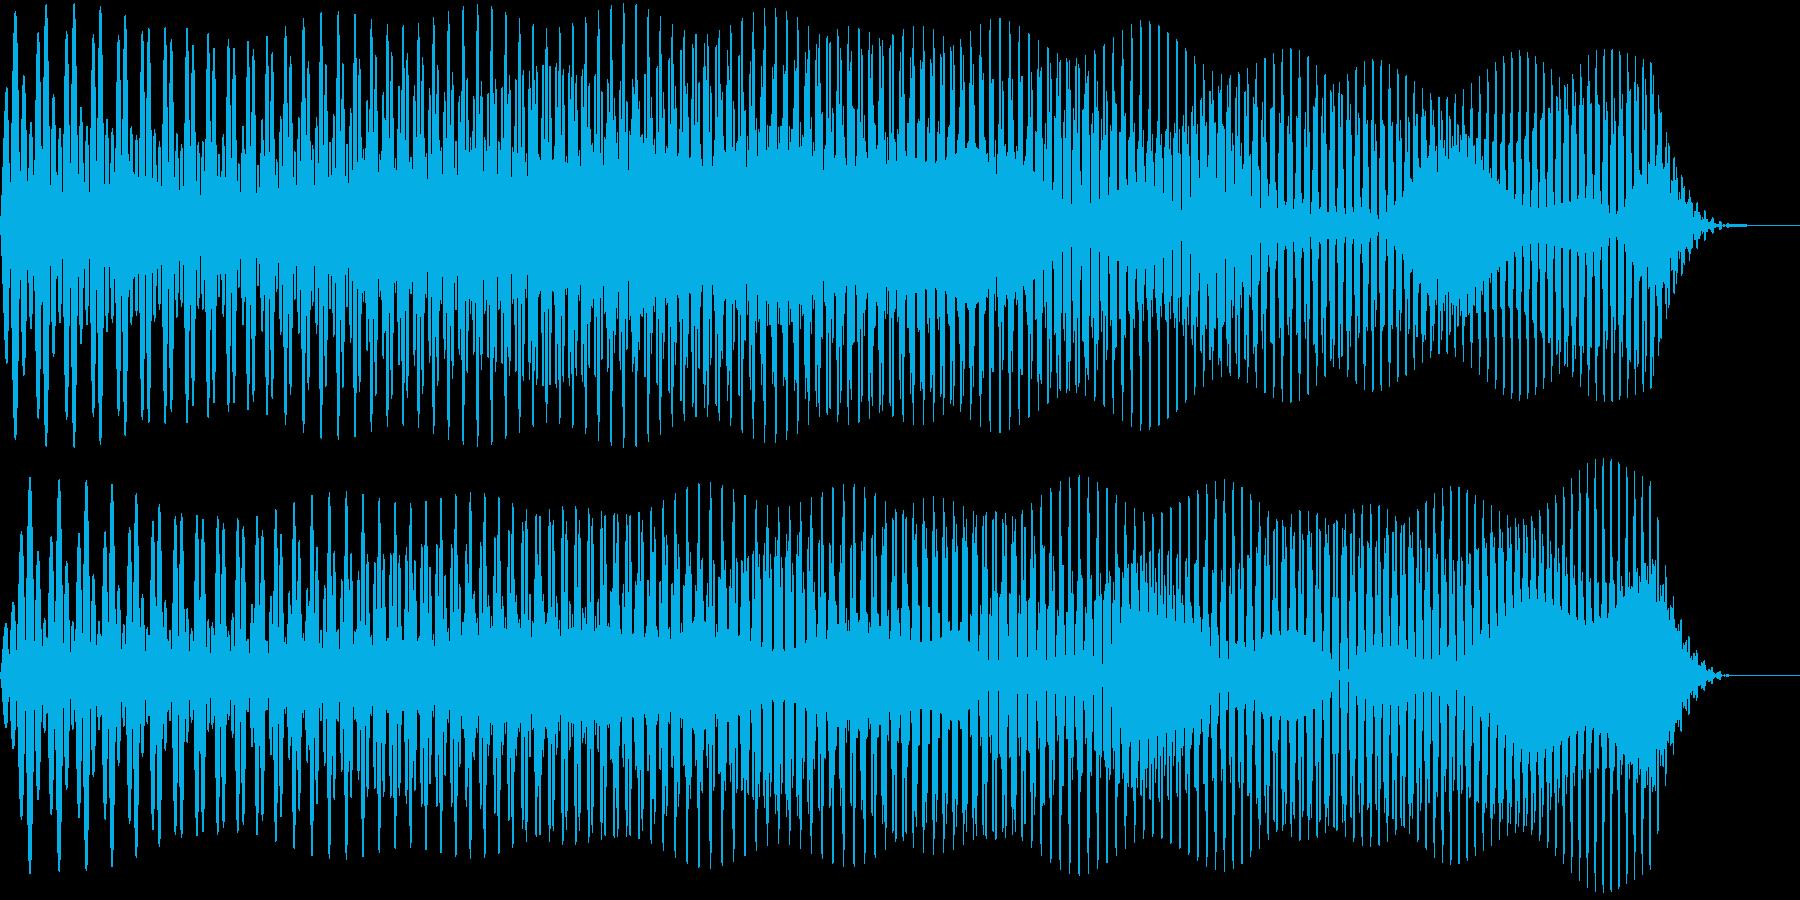 ワープしそうな音02の再生済みの波形